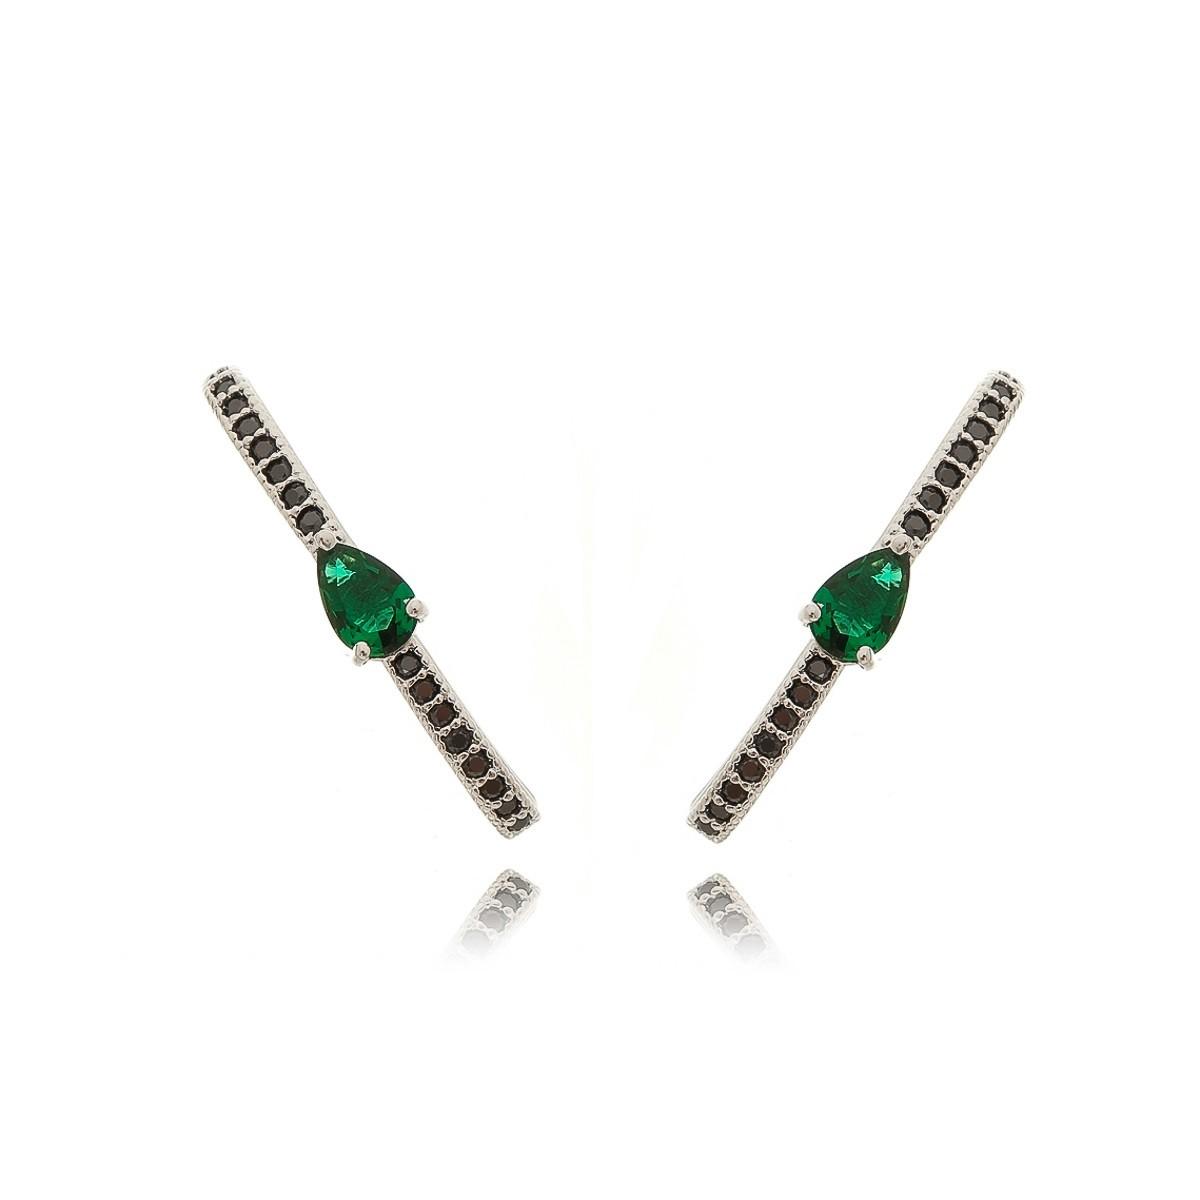 Brinco Anzol Ear Hook com Zircônia Gota Esmeralda e Negra Semijoia em Ródio Branco  - Soloyou